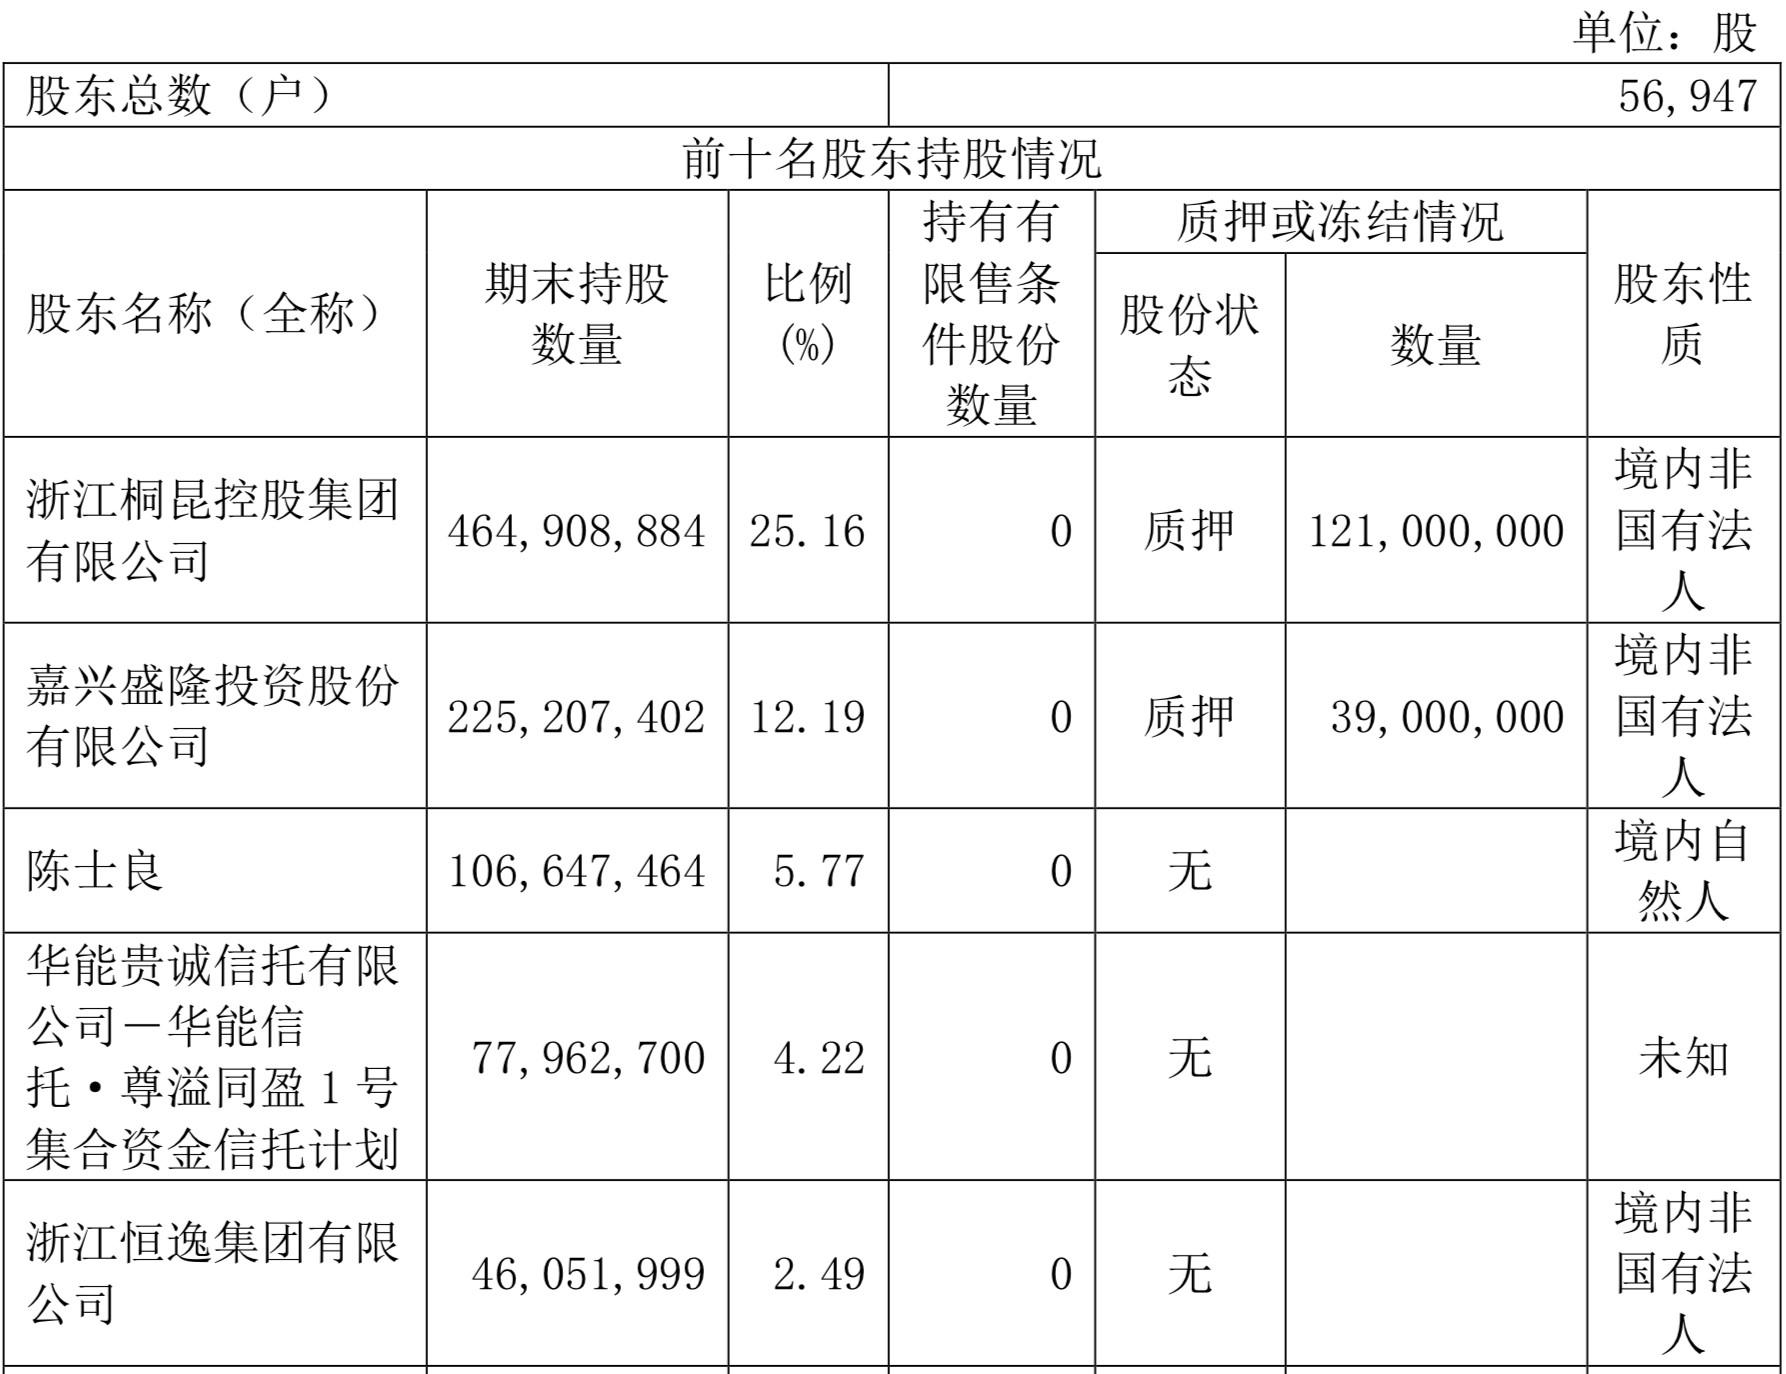 【高德注册】集团入股桐昆股份民营高德注册石化图片